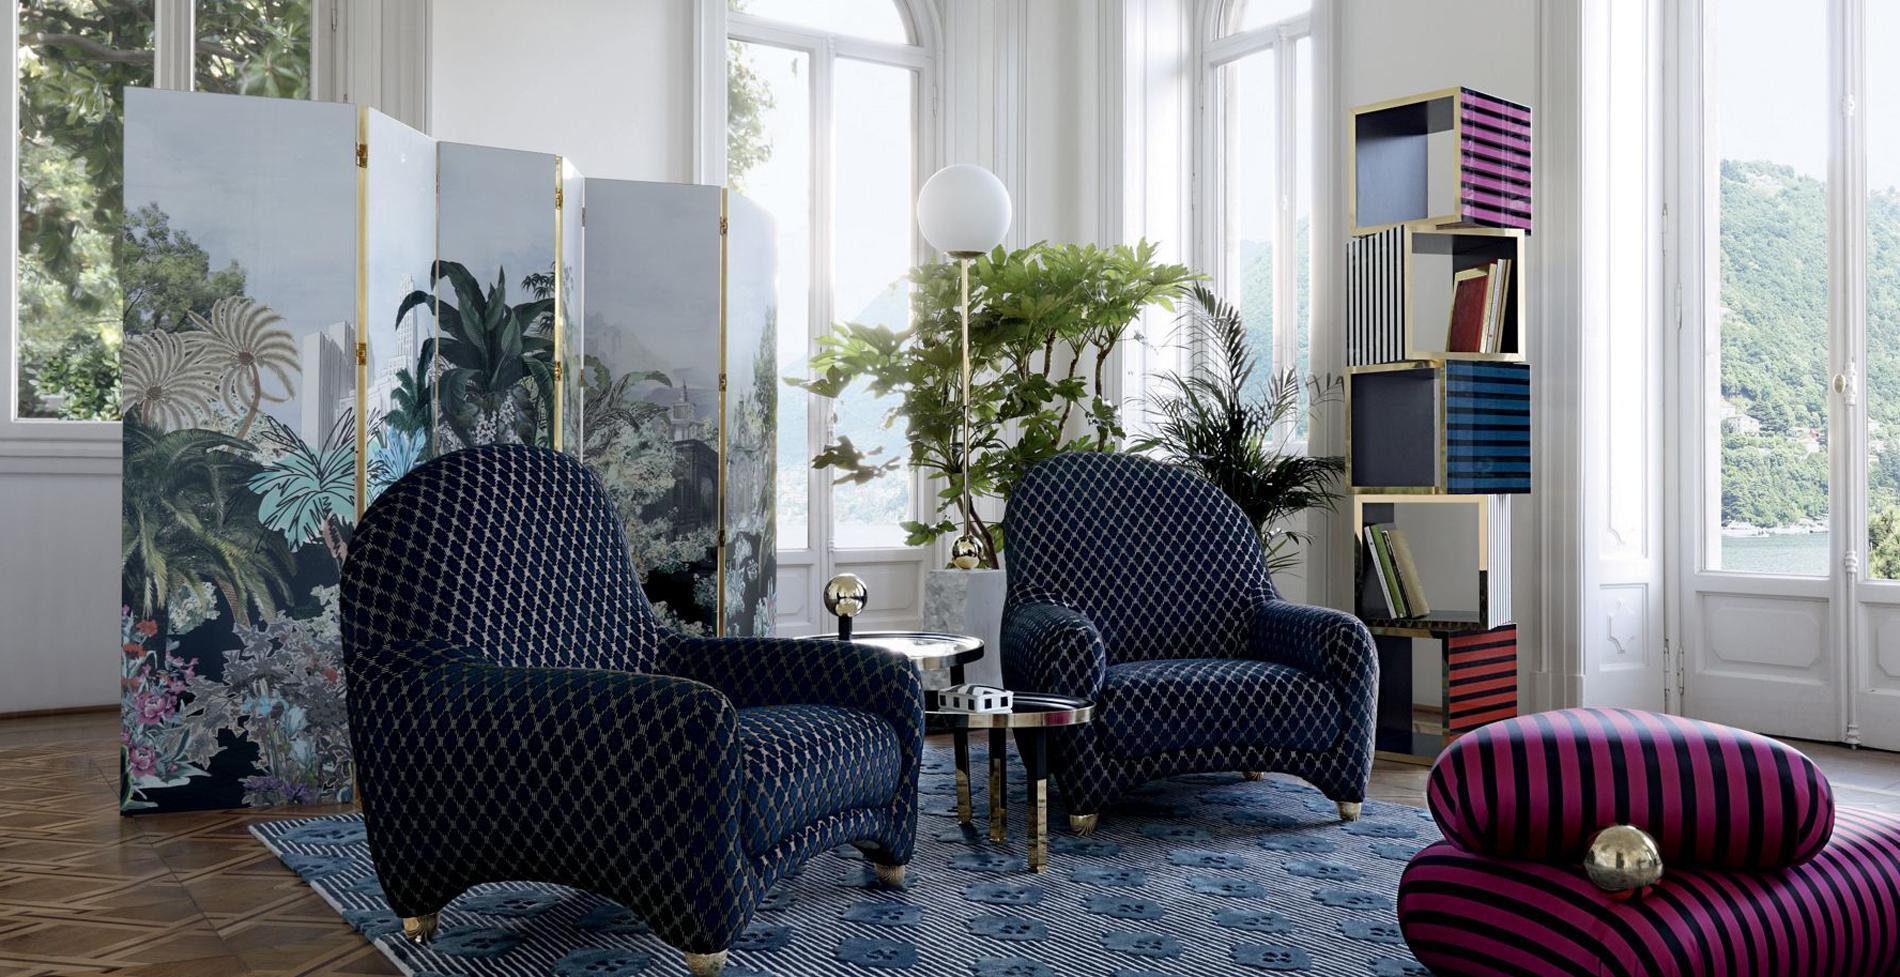 Design Christian Lacroix Maison Pour Roche Bobois, Collection Nouveaux  Classiques.